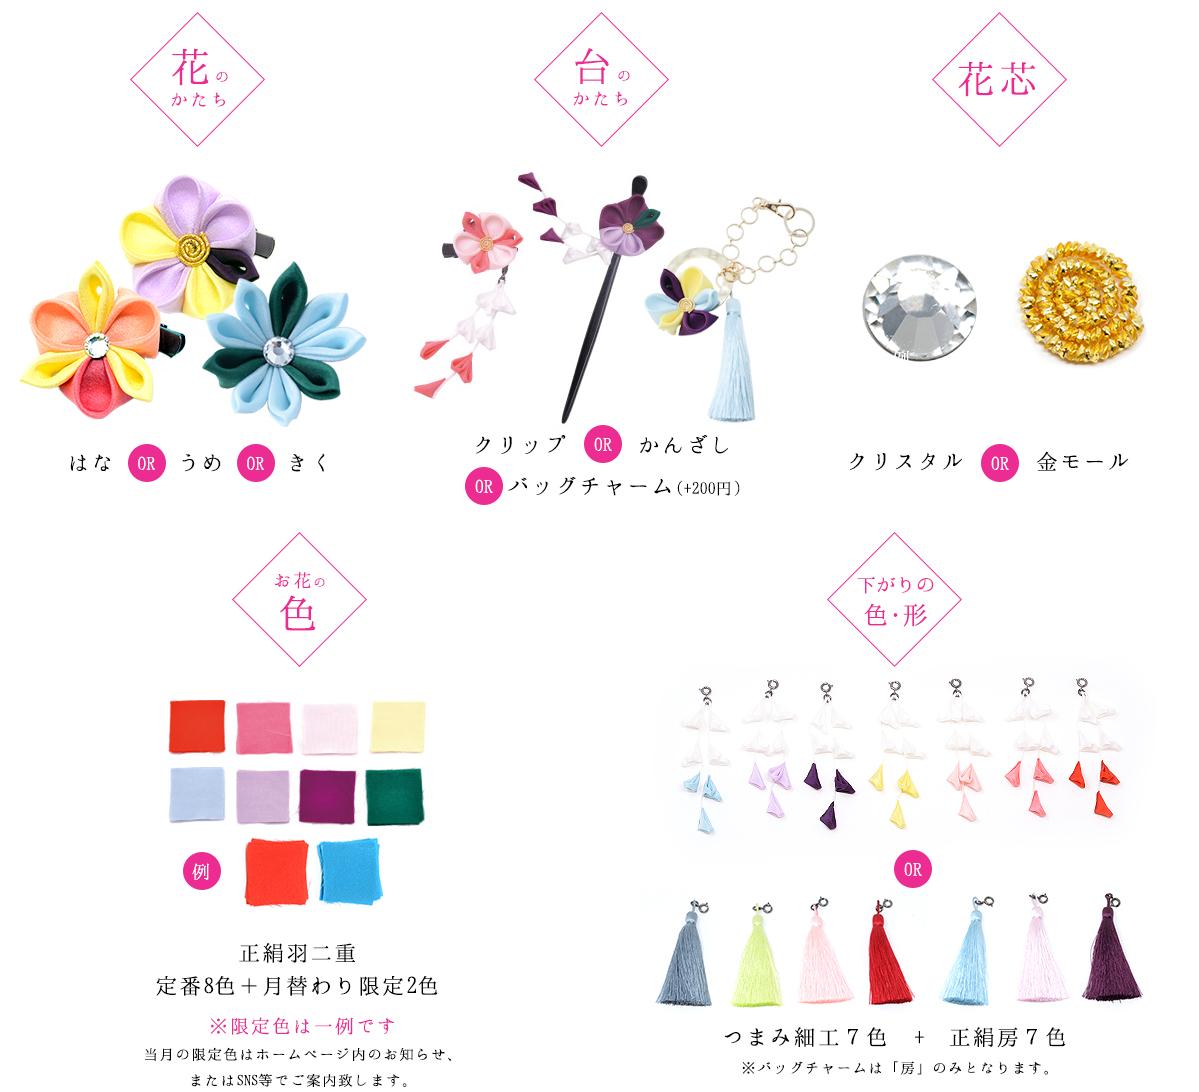 花のかたち、台のかたち、花芯、お花の色、下がりの色・形